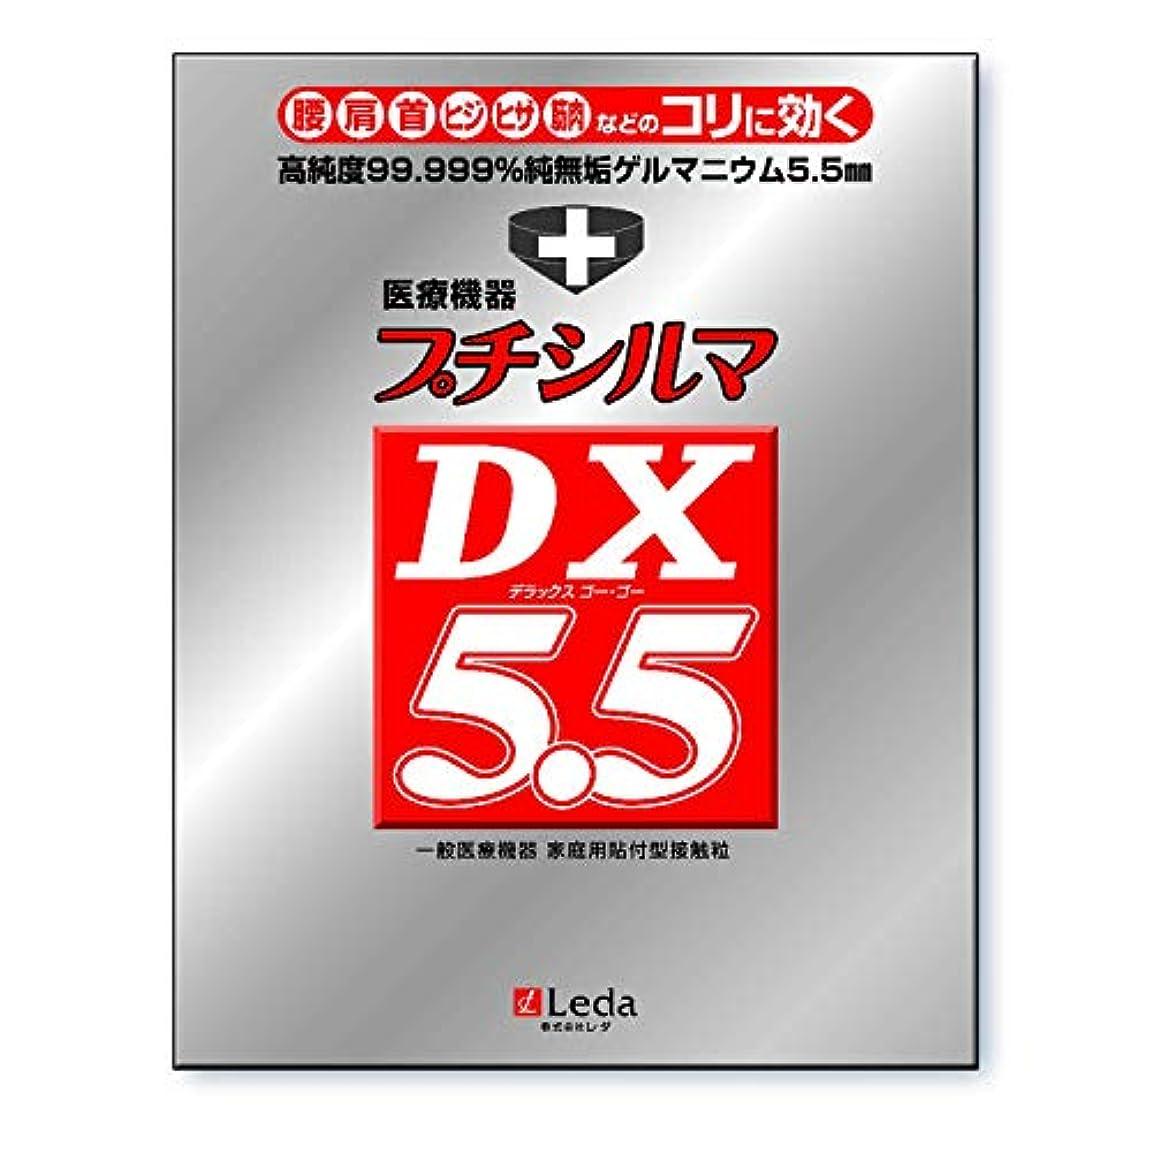 フルーツ盲目一般化するプチシルマDX 5.5 お徳用替えプラスター200枚付き